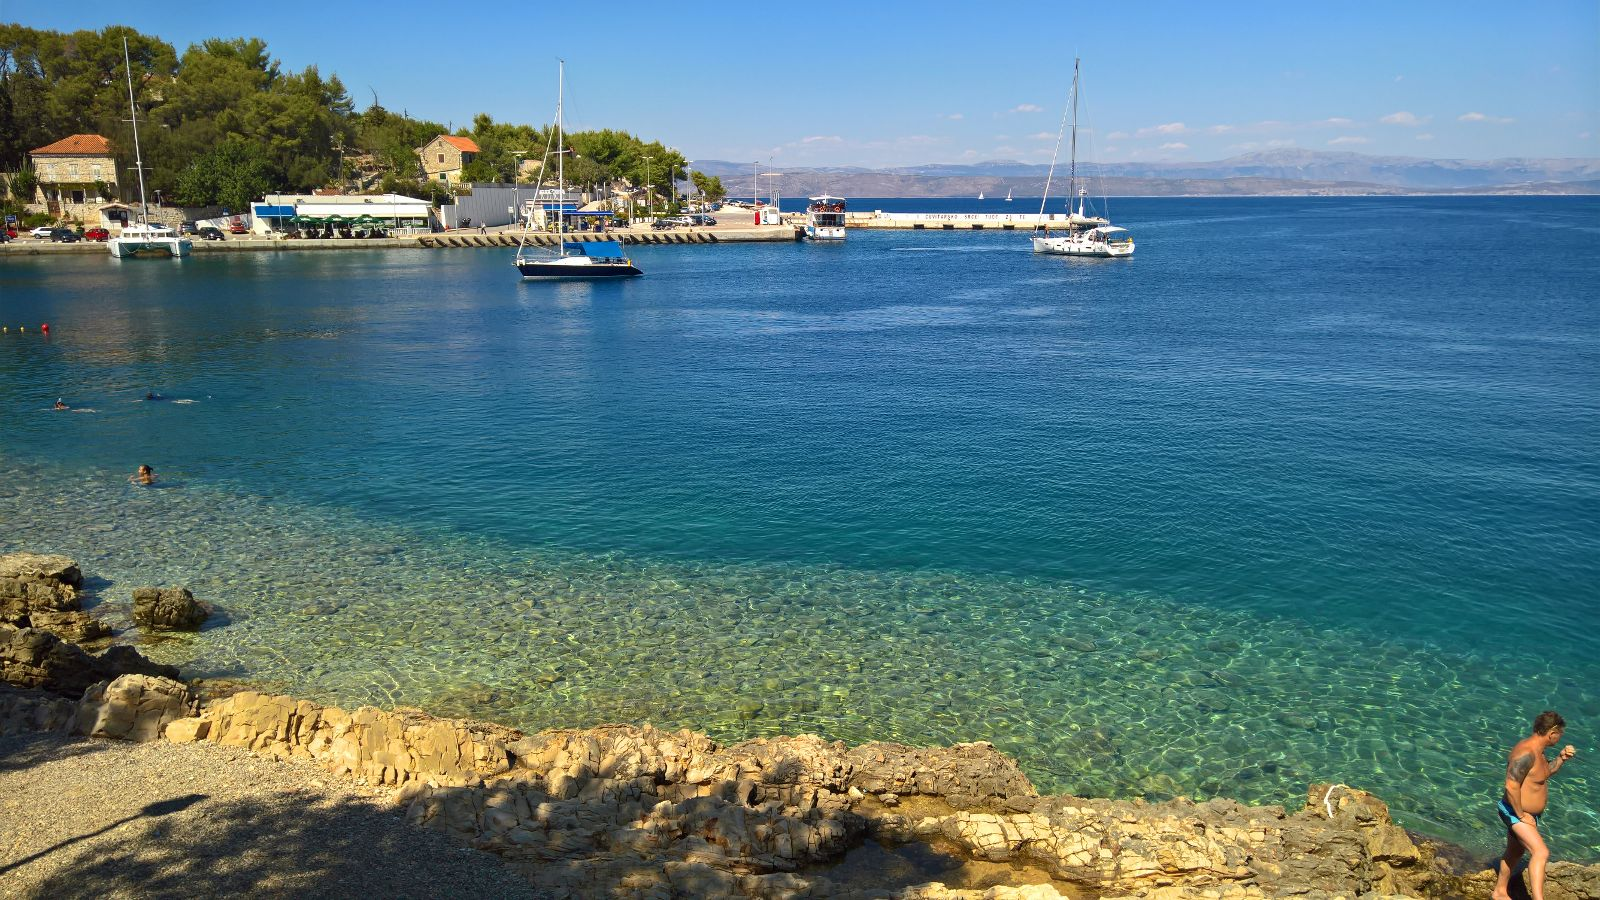 Viaggio a Spalato: solo mare cristallino e silenzio a Rogac sull'isola di Solta